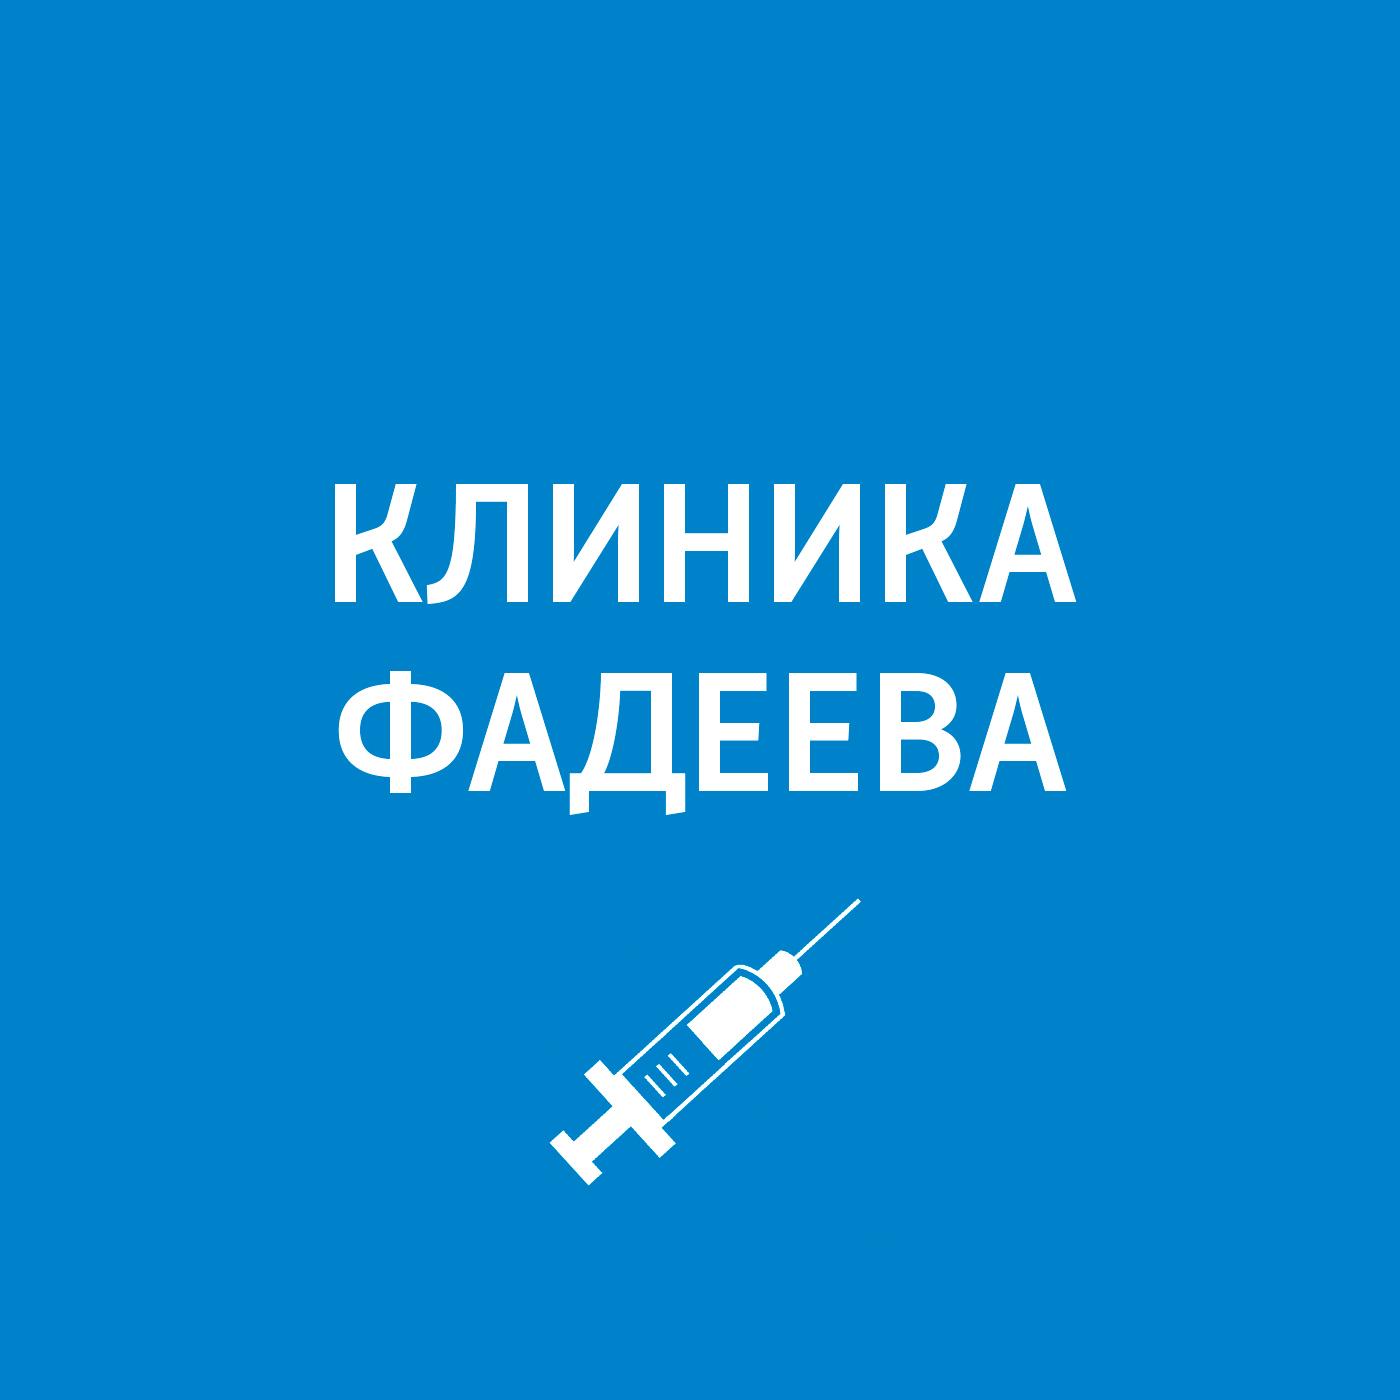 Пётр Фадеев Приём ведёт нефролог. Заболевания почек пётр фадеев приём ведёт дерматолог солнце польза или вред